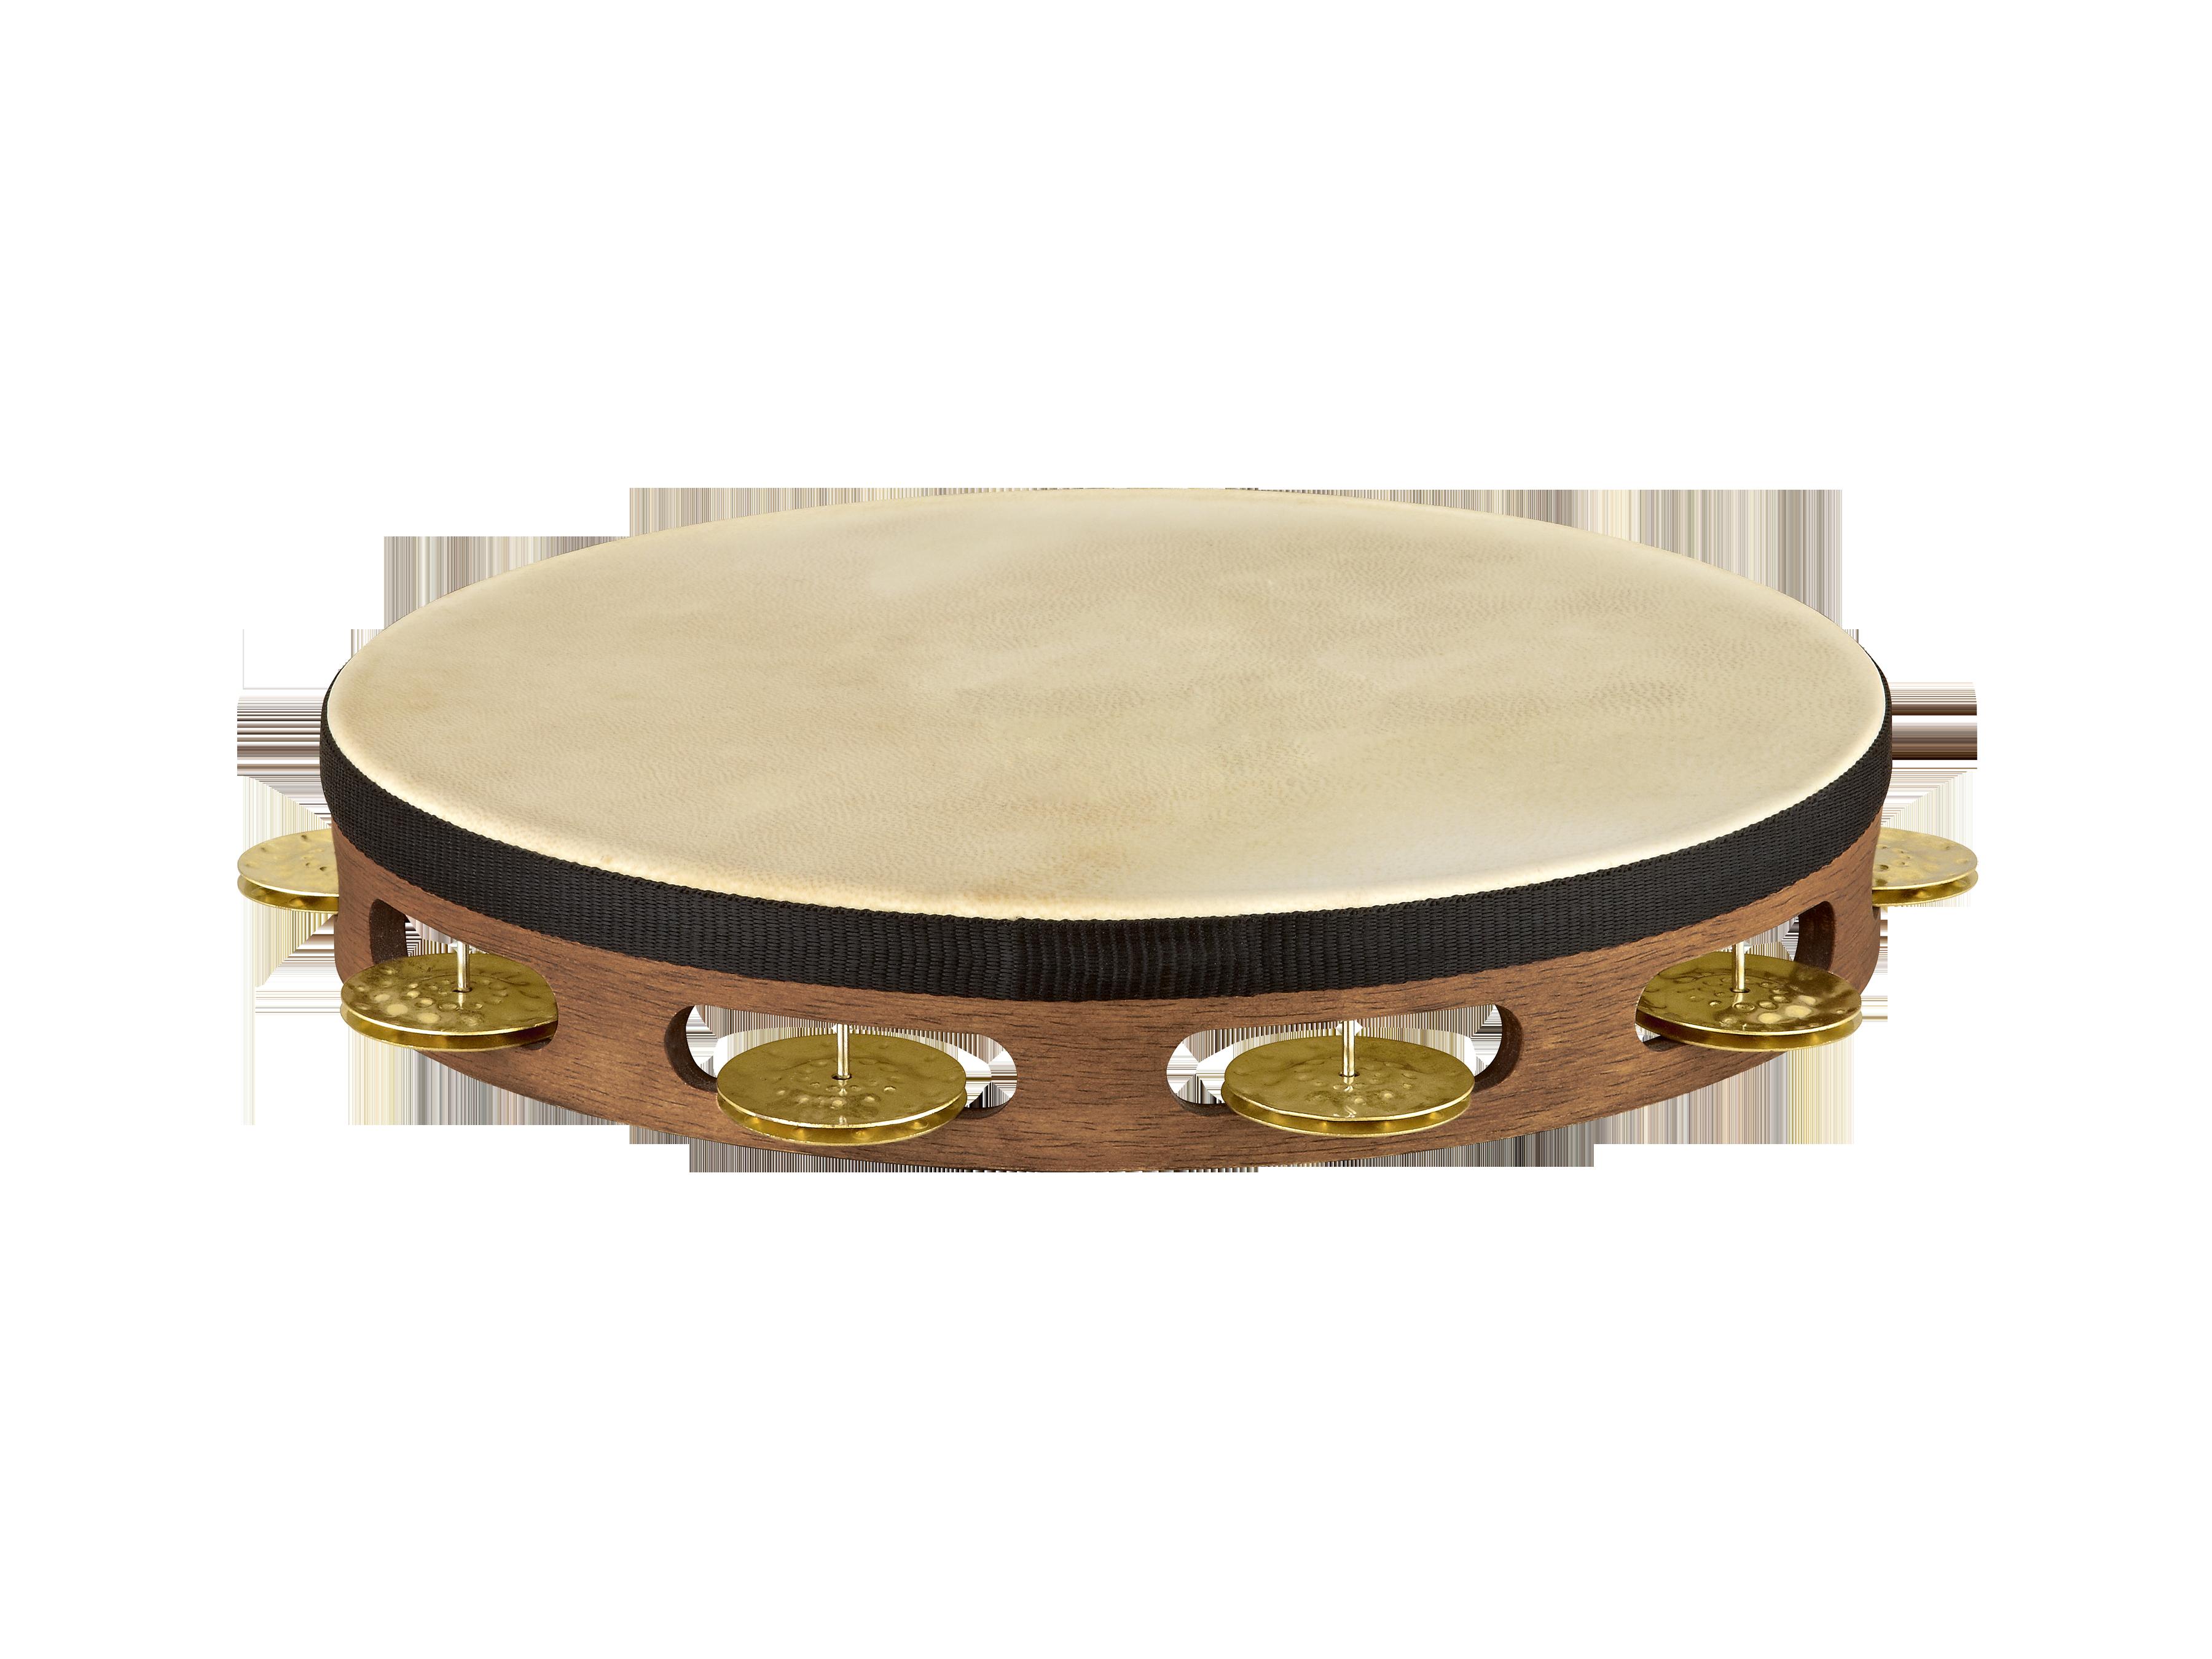 Wooden tambourine photo